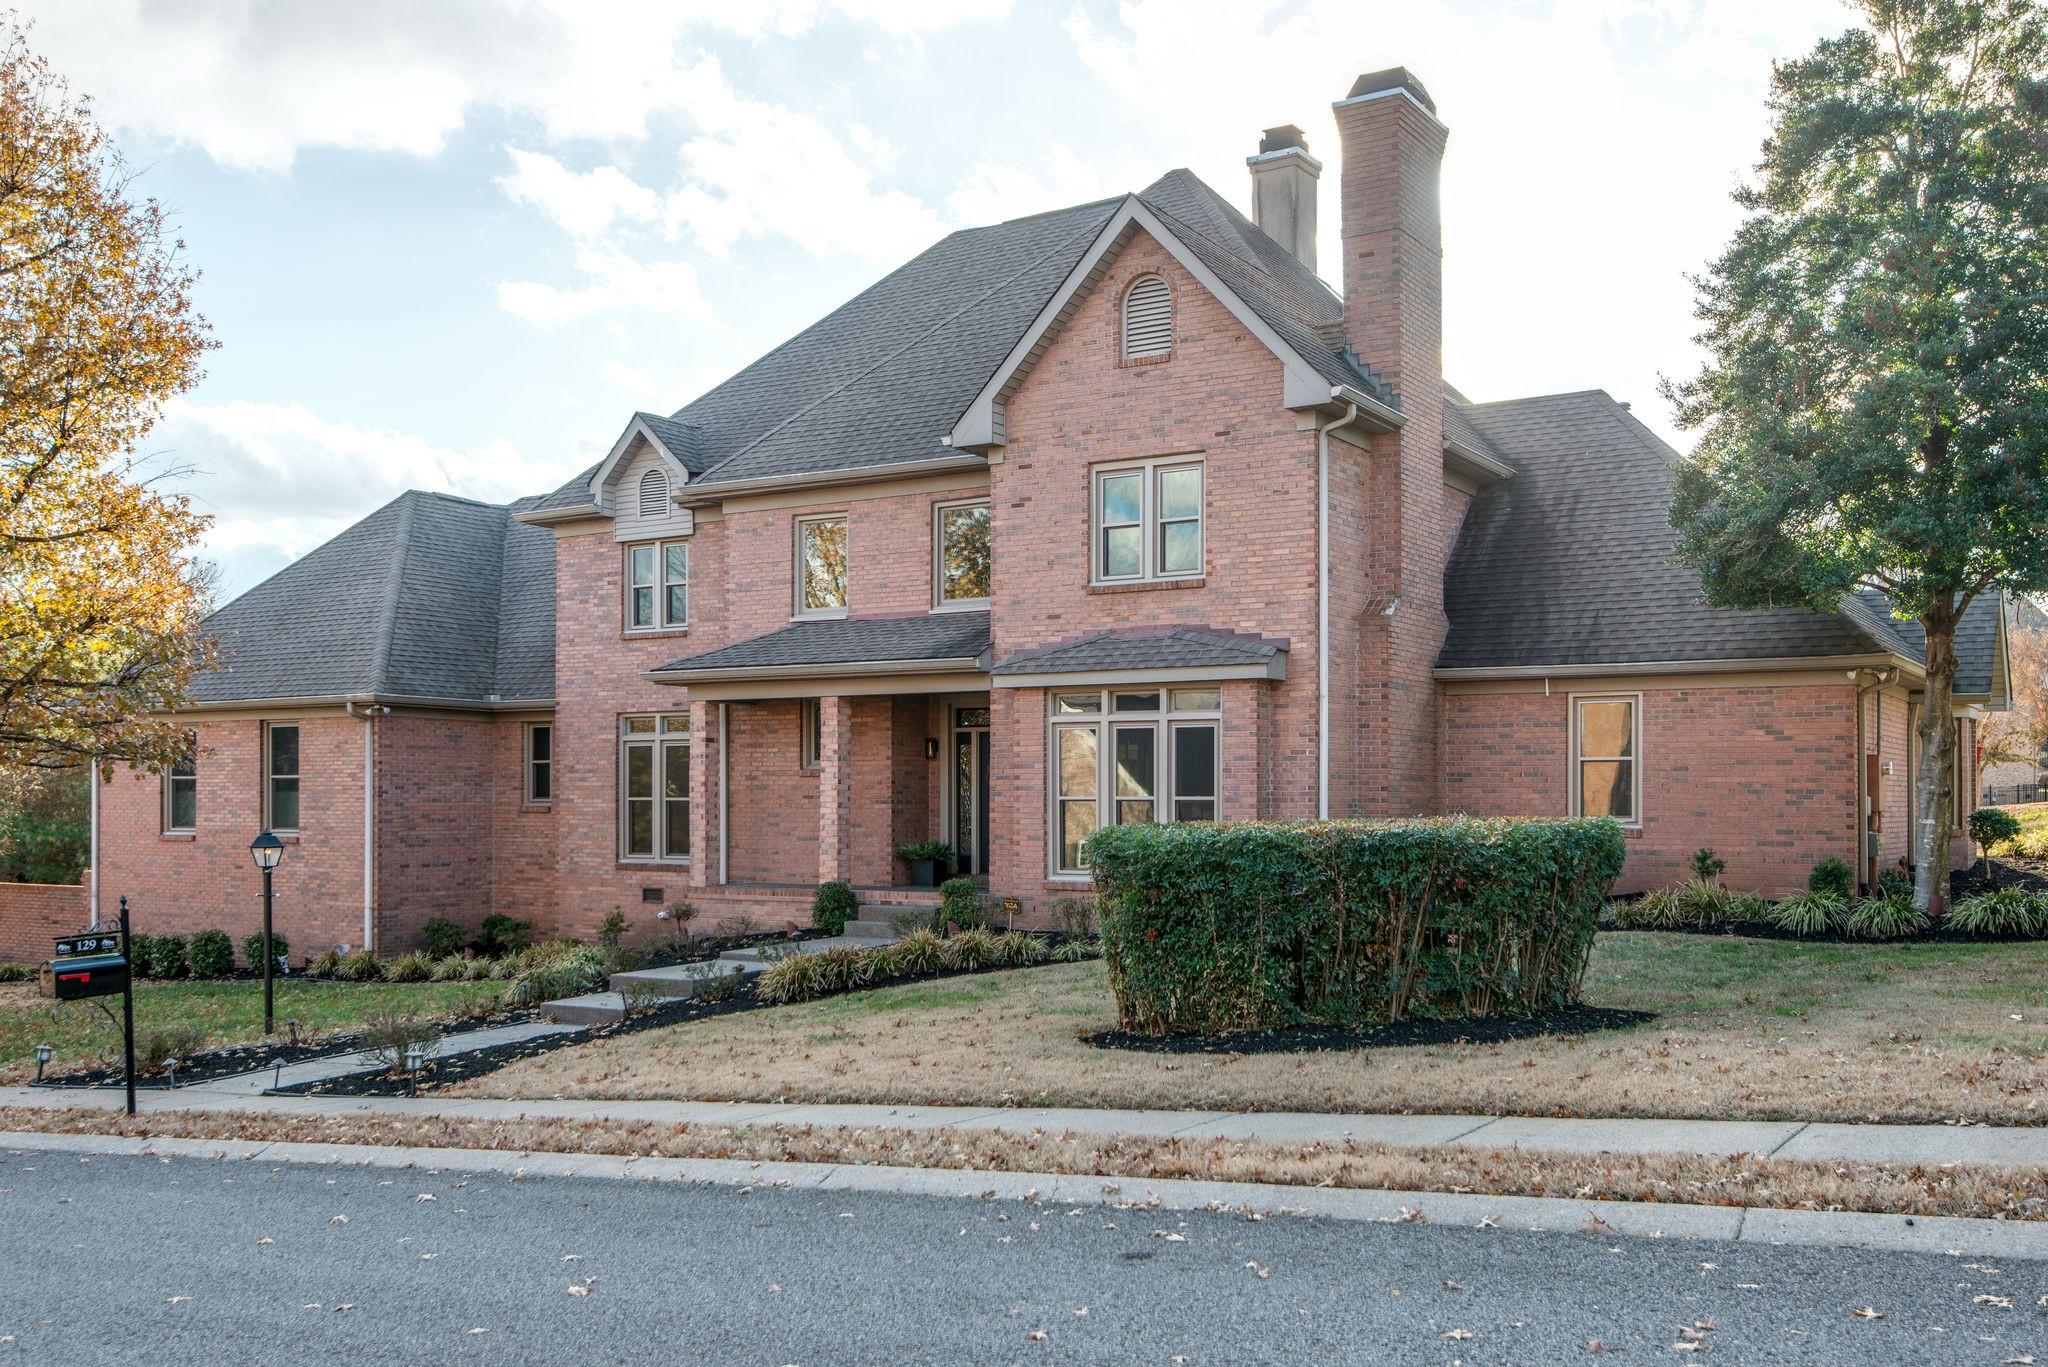 $659,900 - 5Br/6Ba -  for Sale in Blue Ridge Phase 1 Rev, Hendersonville